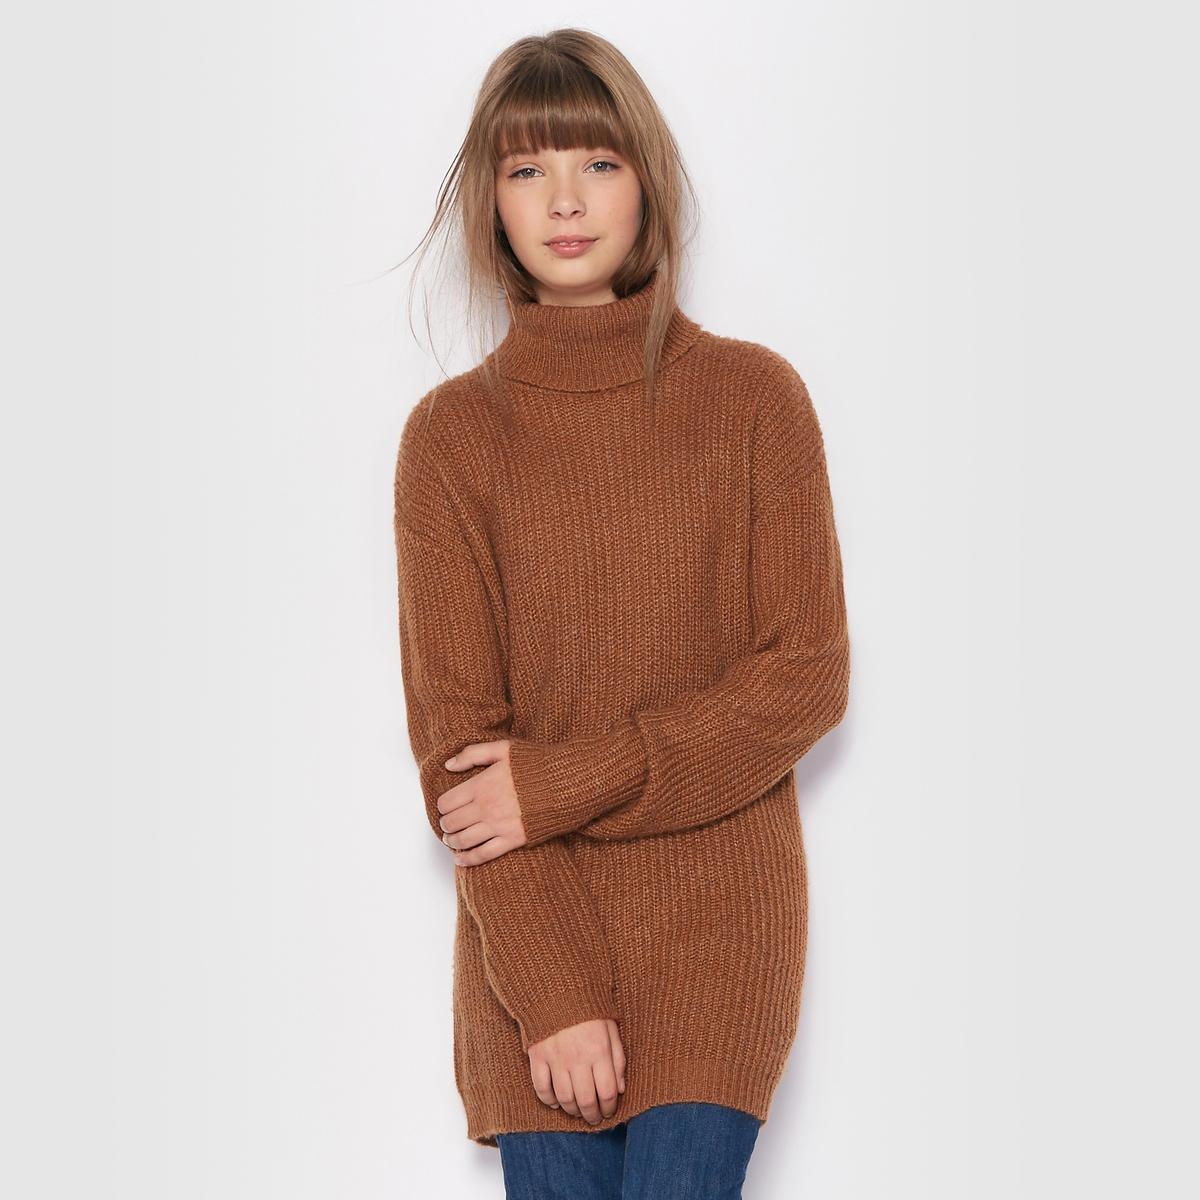 Пуловер с высоким воротником, 10-16 лет